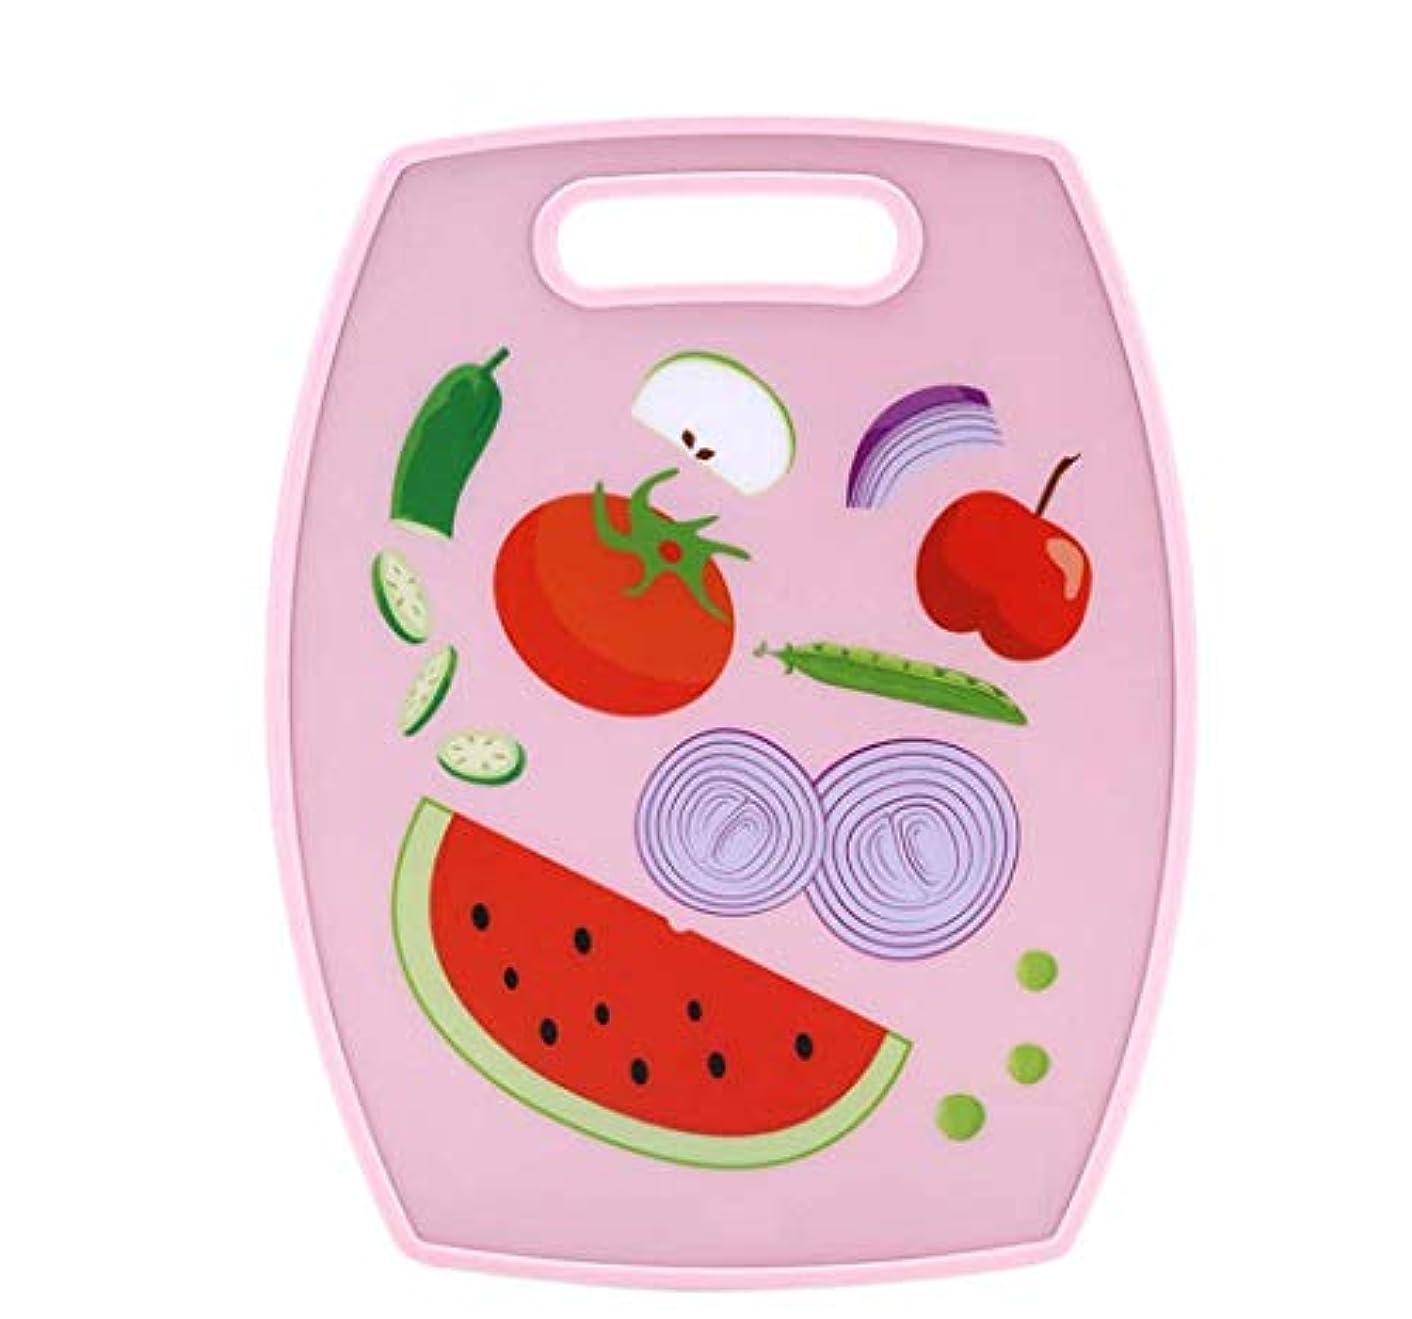 マニア不定ボルトまな板キッチン家庭用フルーツプラスチックカッティングボード食品等級健康と環境保護両面まな板